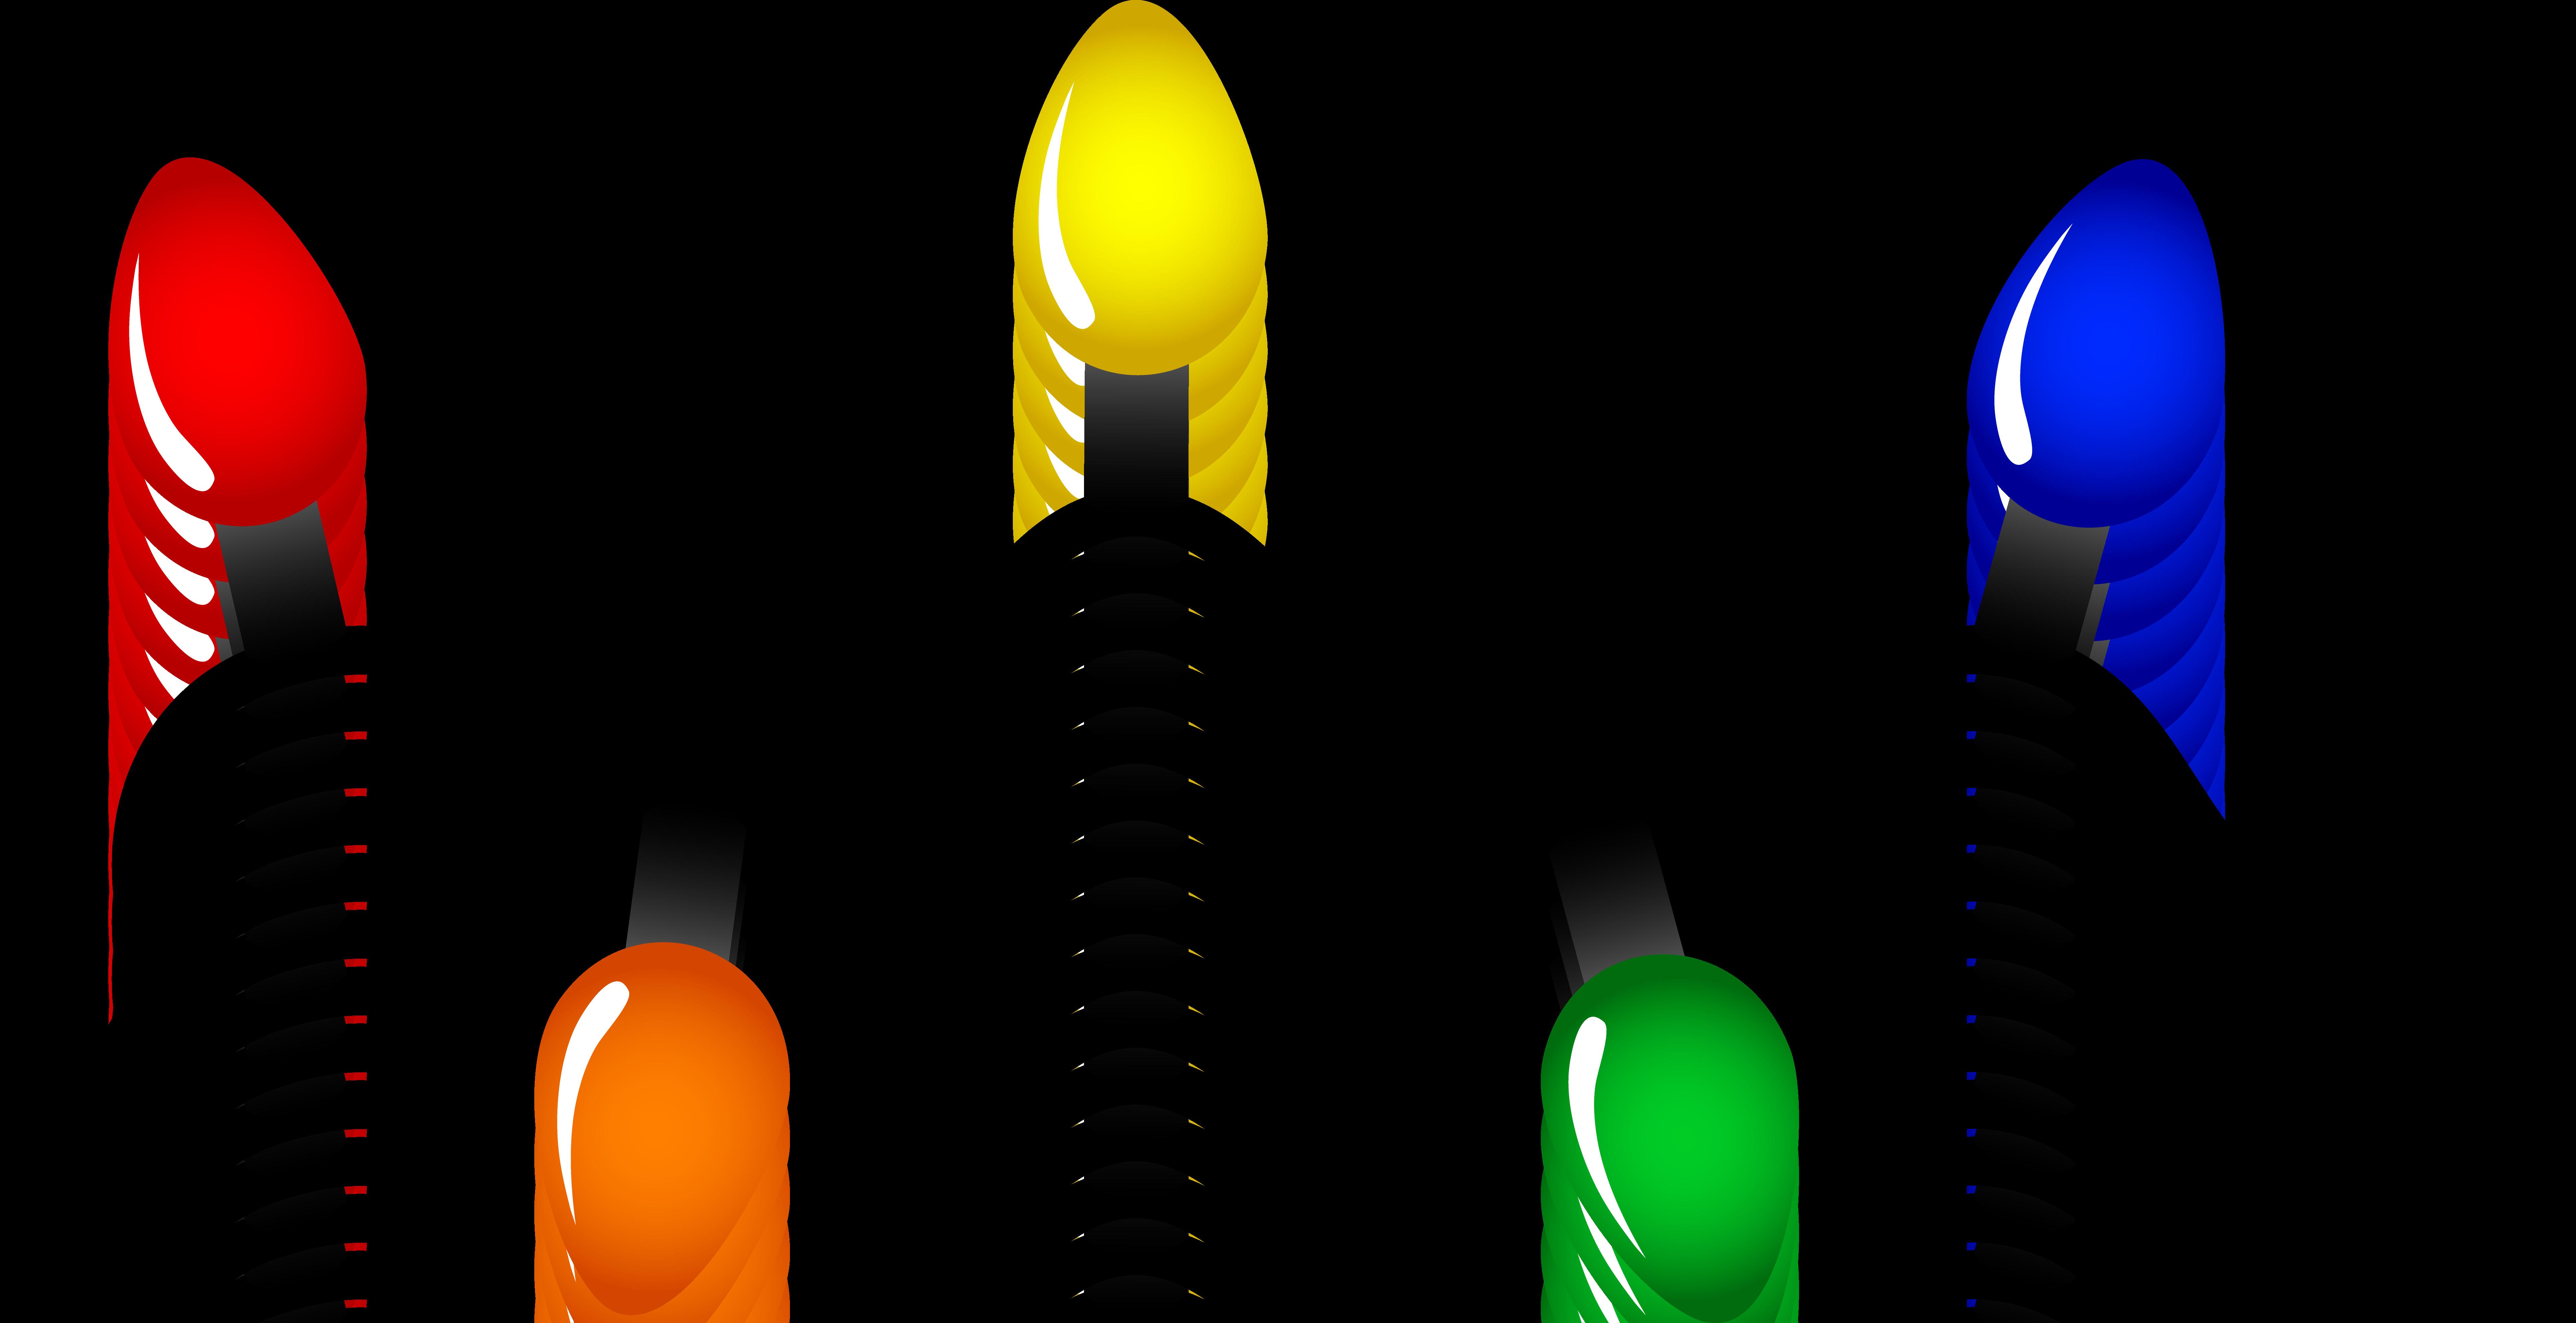 7709x3959 Light Clip Art